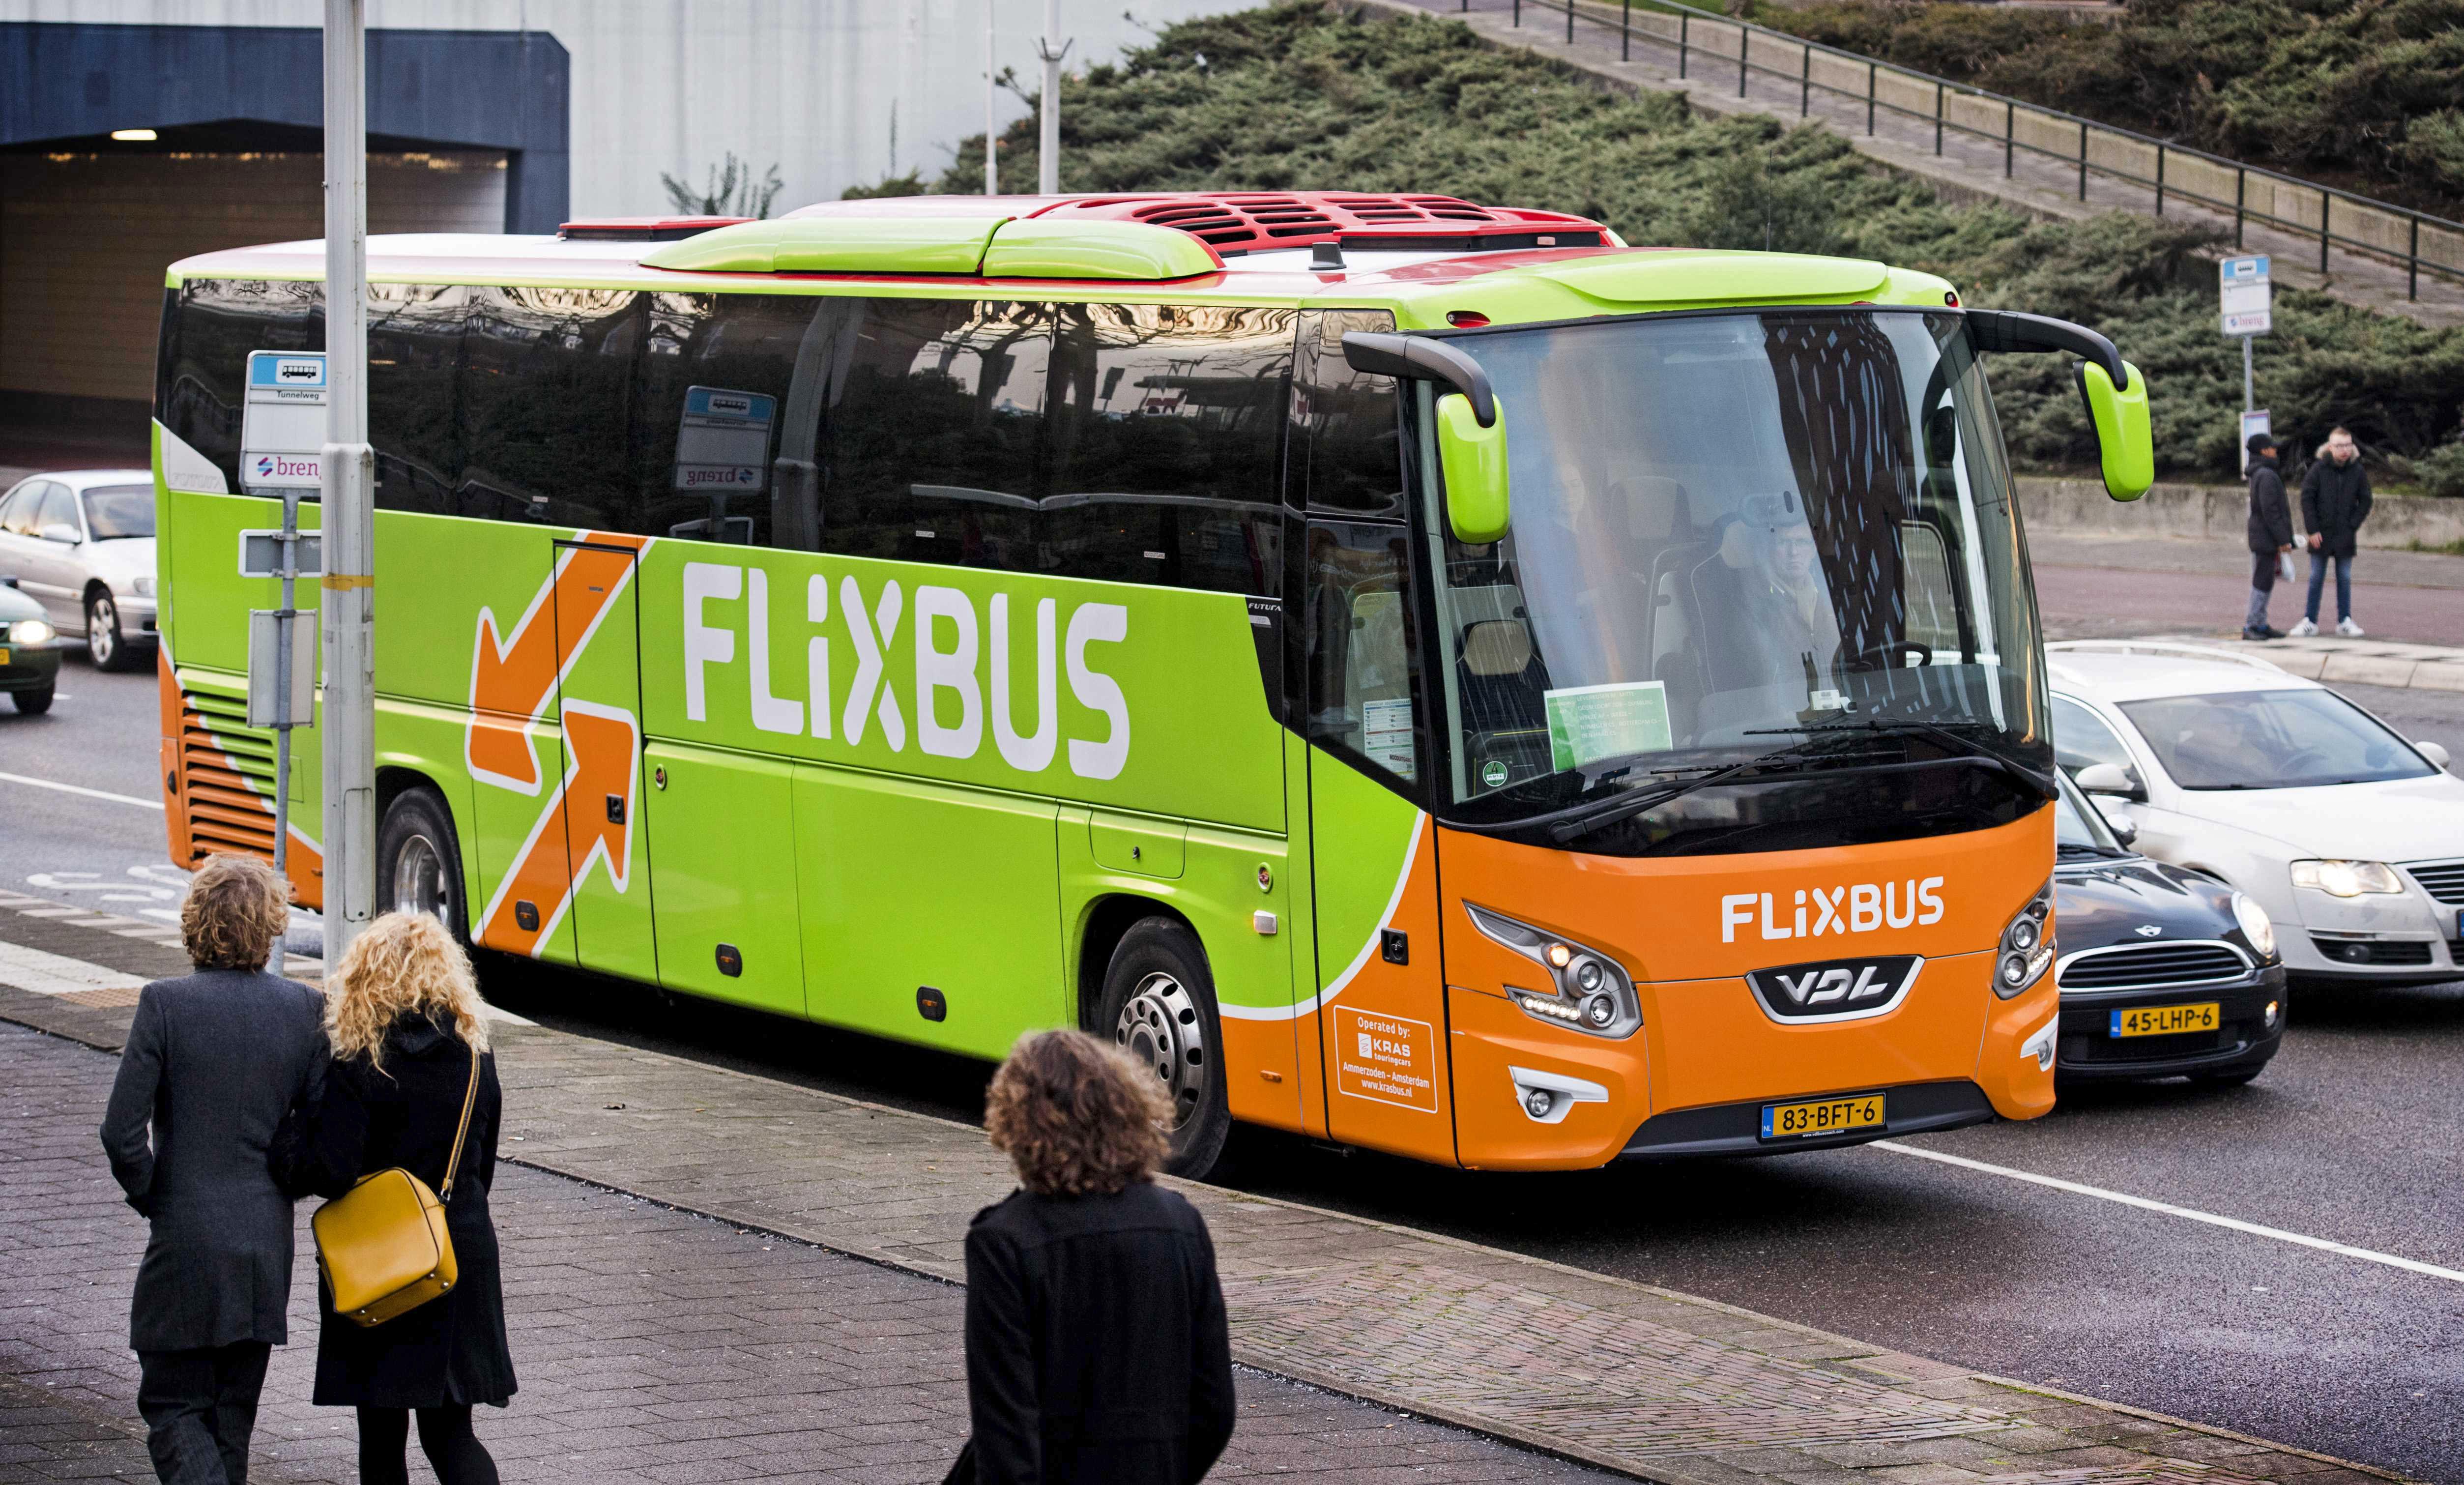 epa05690140 A Flixbus seen in front of Nijmegen railway station in Nijmegen, The Netherlands, 28 December 2016.  EPA/PIROSCHKA VAN DE WOUW